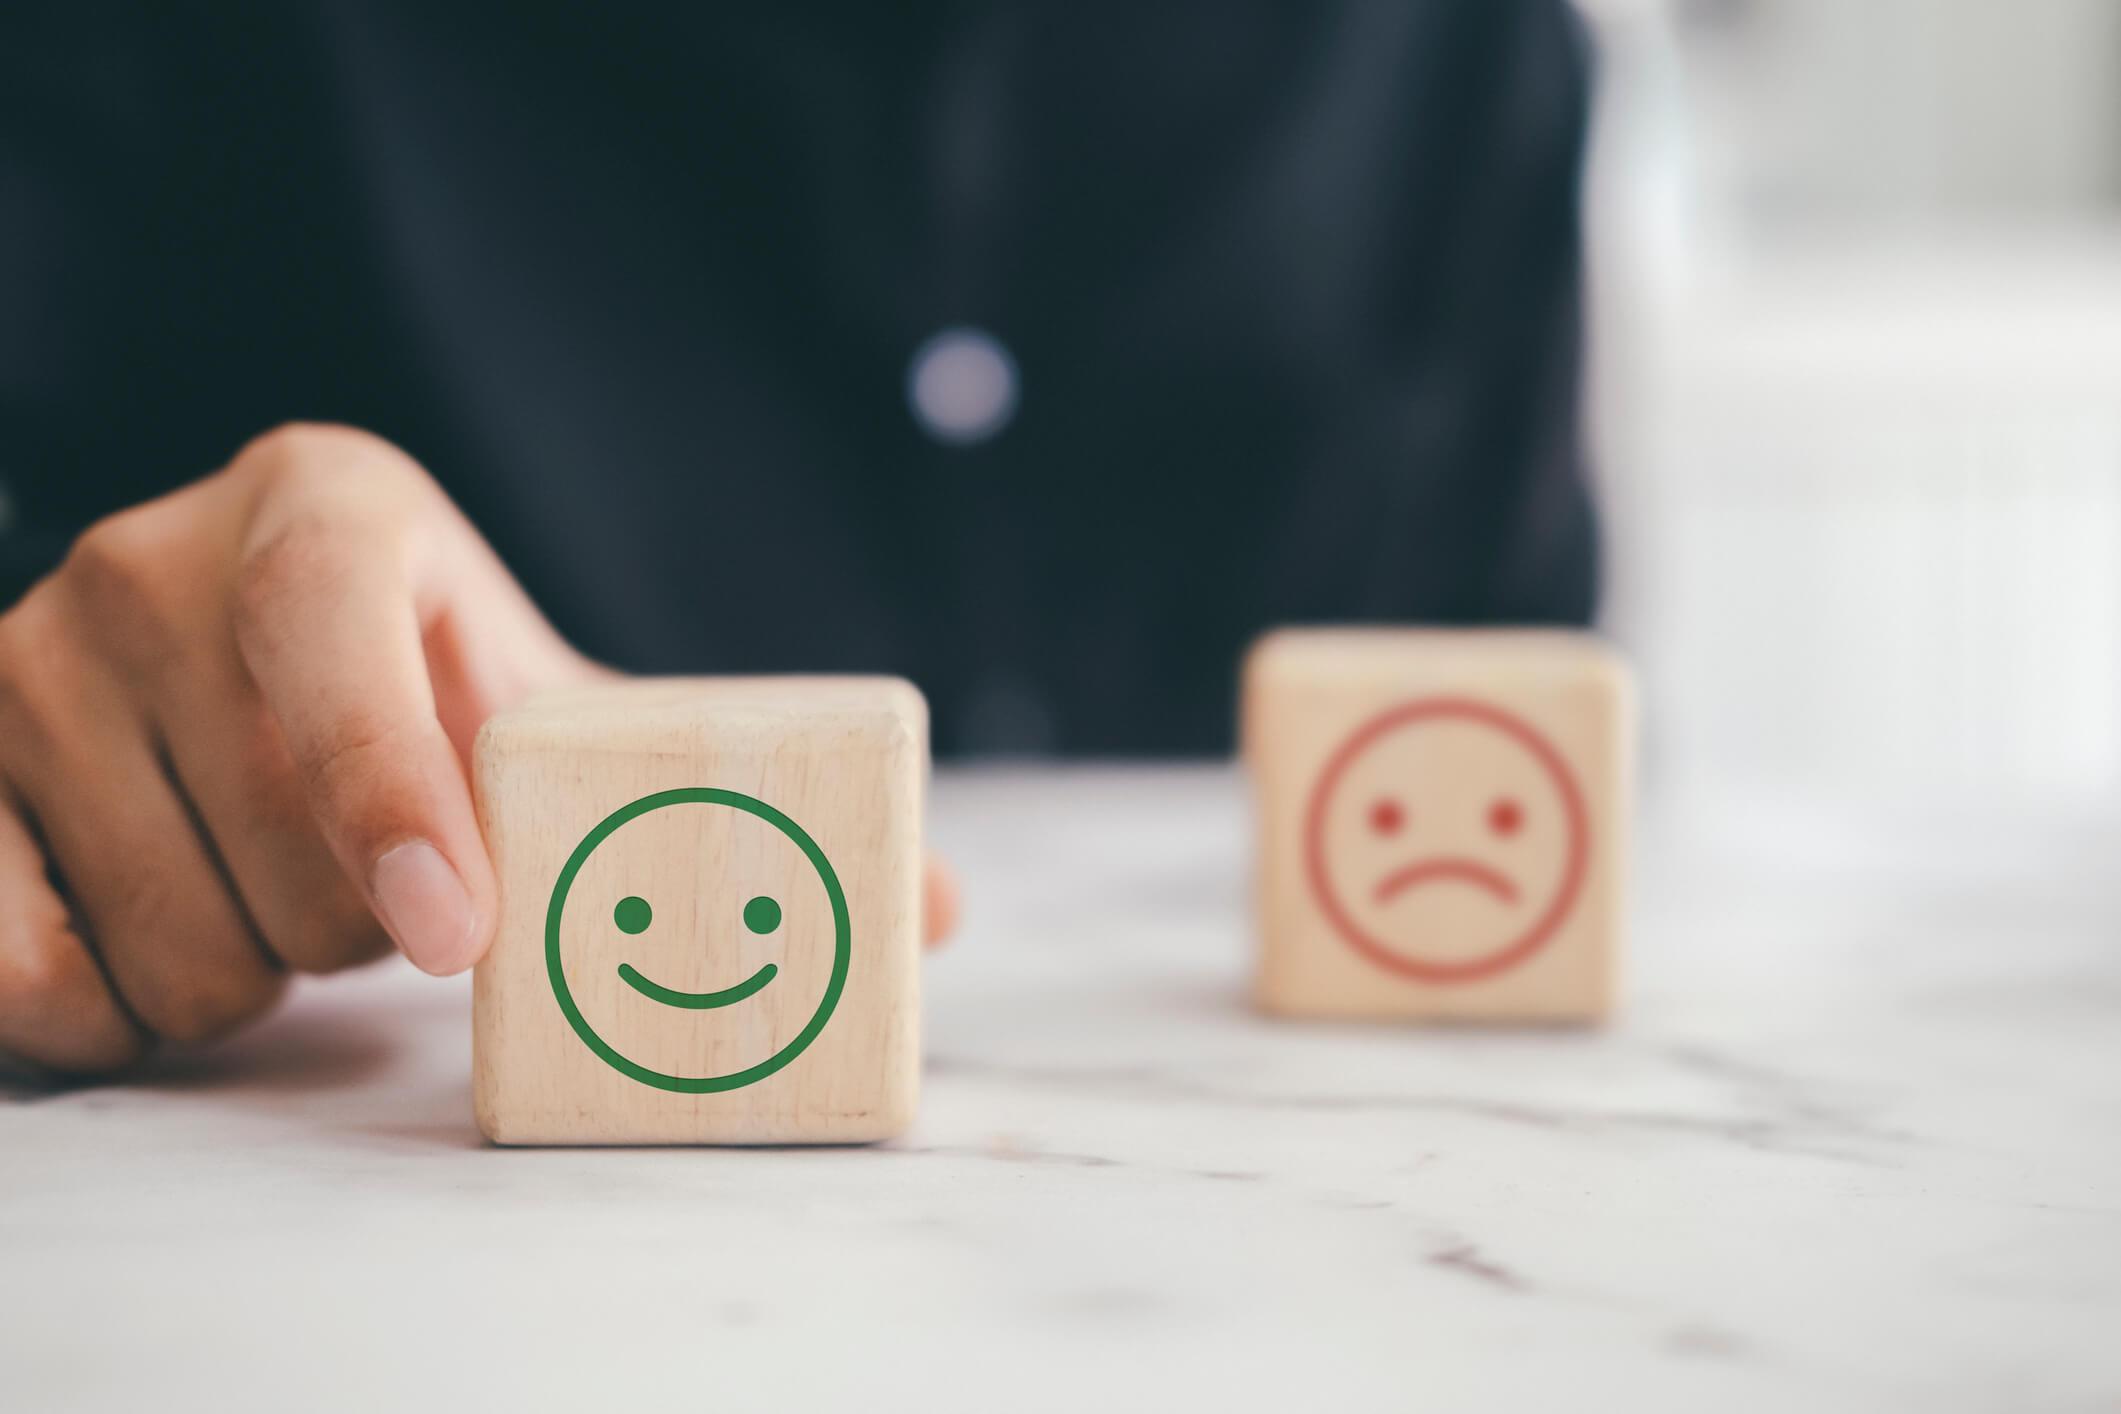 Kundenerlebnis Service: Leitfaden für ein gelungenes Erlebnis